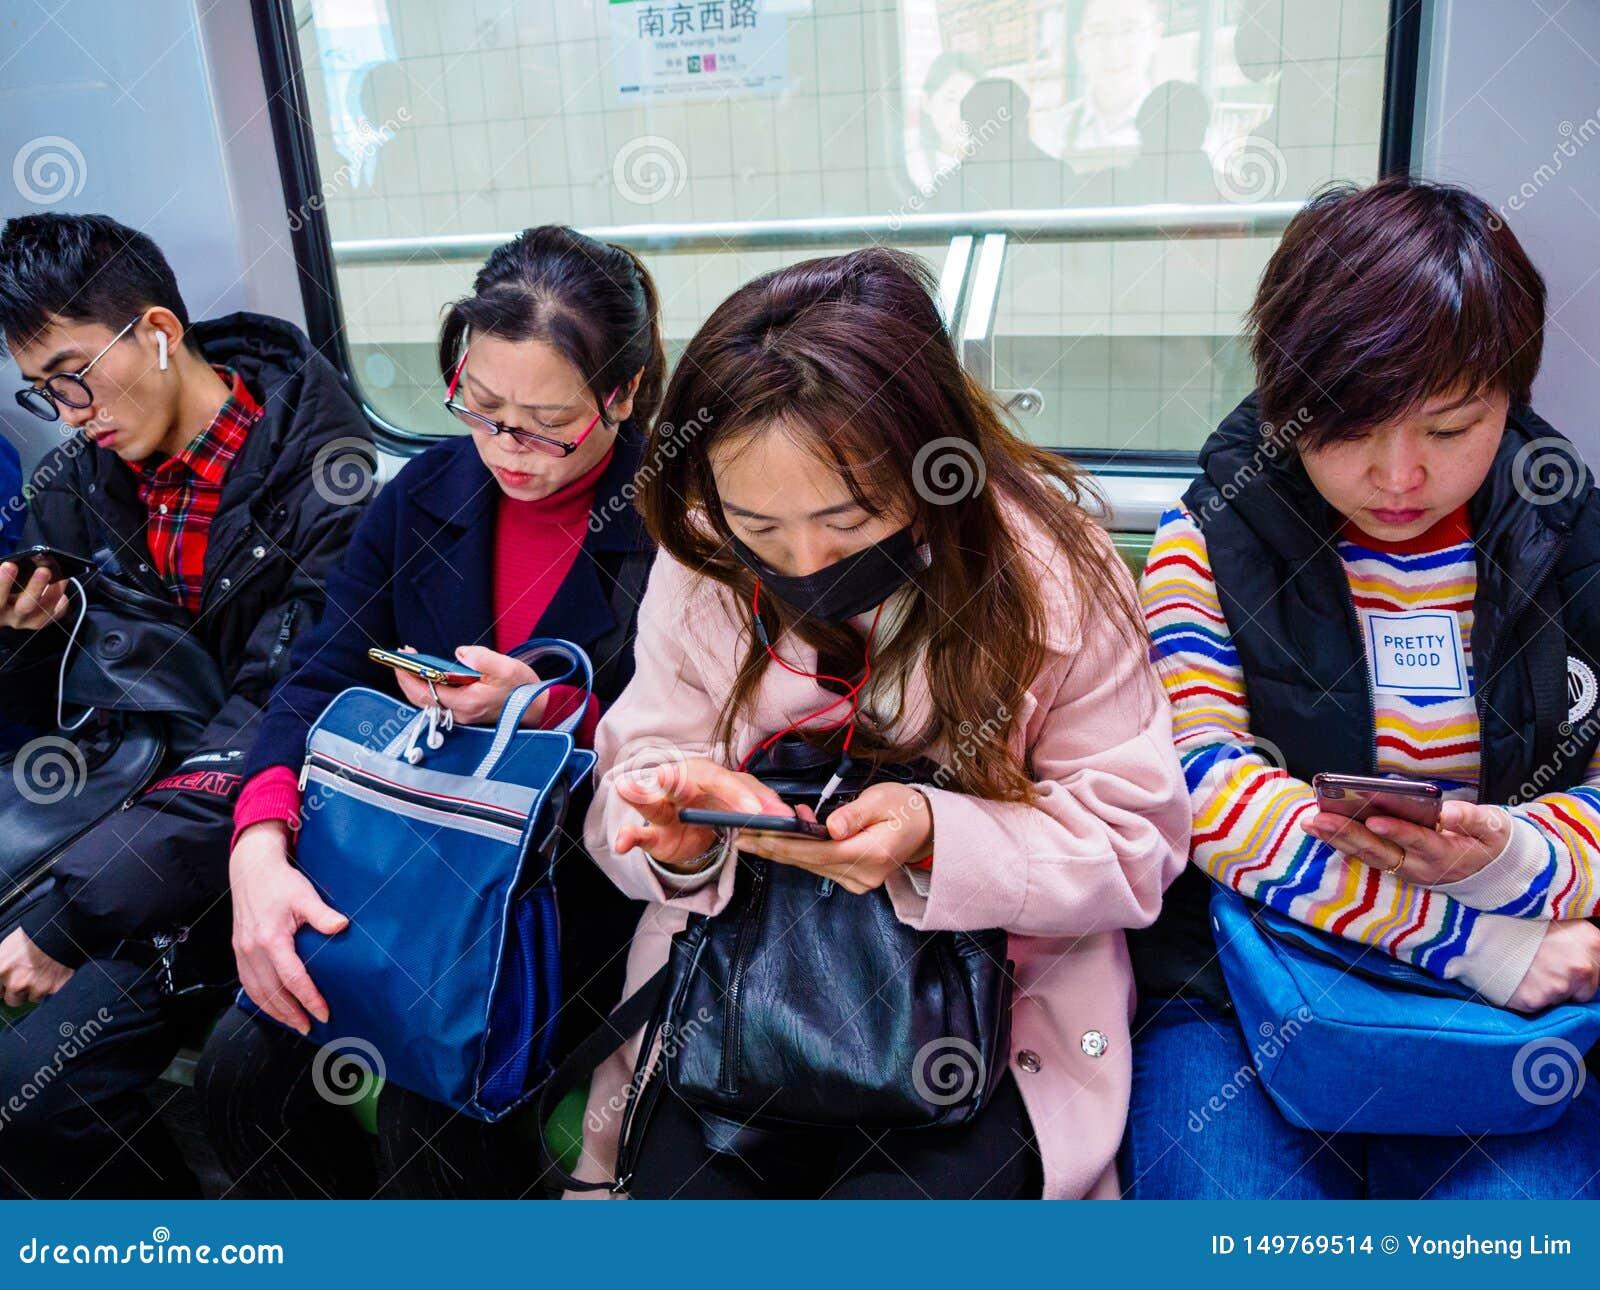 SHANGHAI, CHINA - 12. MÄRZ 2019 - eine Reihe von Pendlern auf der Shanghai-Metro alle auf ihren Smartphones China hat ein extrem